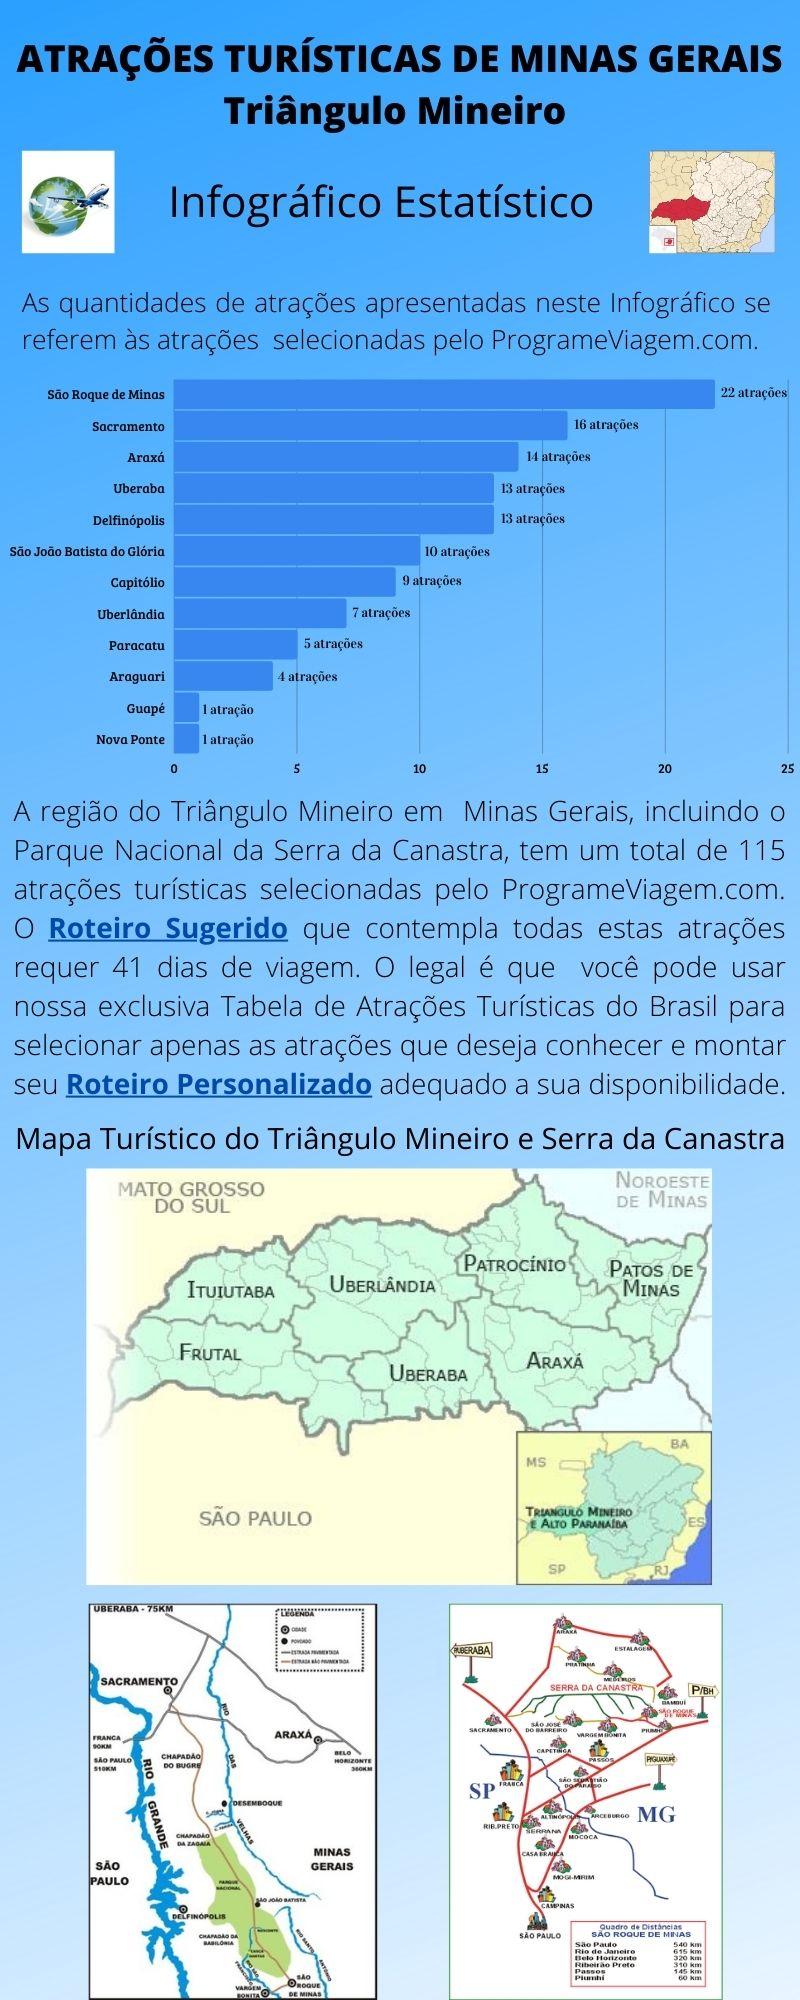 Infográfico Atrações Turísticas de Minas Gerais (Triângulo Mineiro)